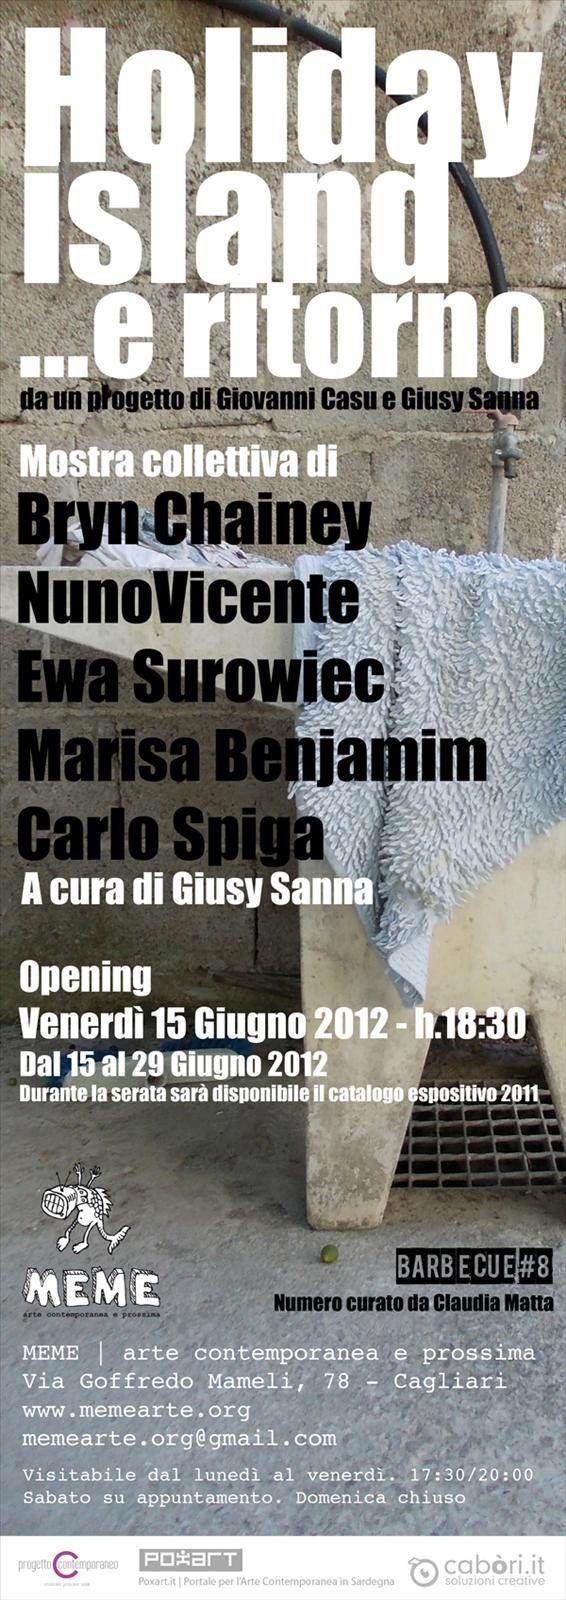 Holiday Island ...e ritorno al MEMe | arte contemporane a e prossima di Cagliari